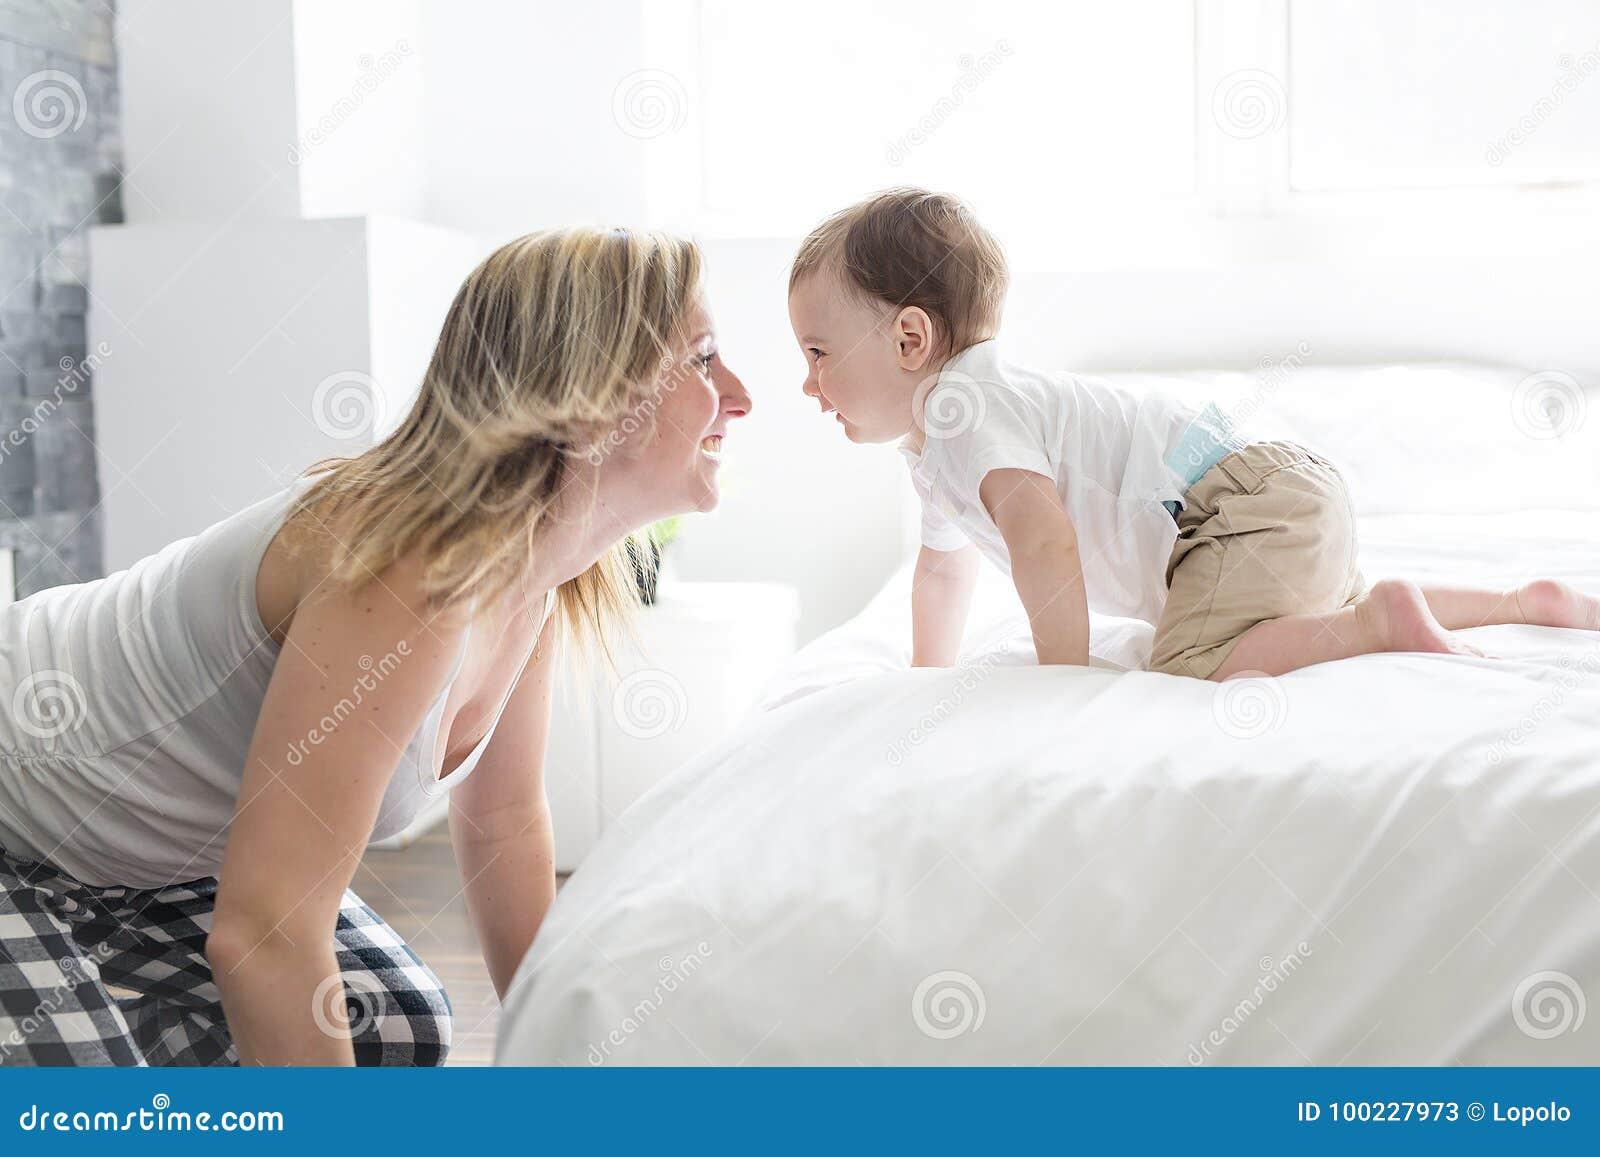 Bella giovani madre e figlio che si trovano insieme su un letto immagine stock immagine di - Letto che si chiude ...